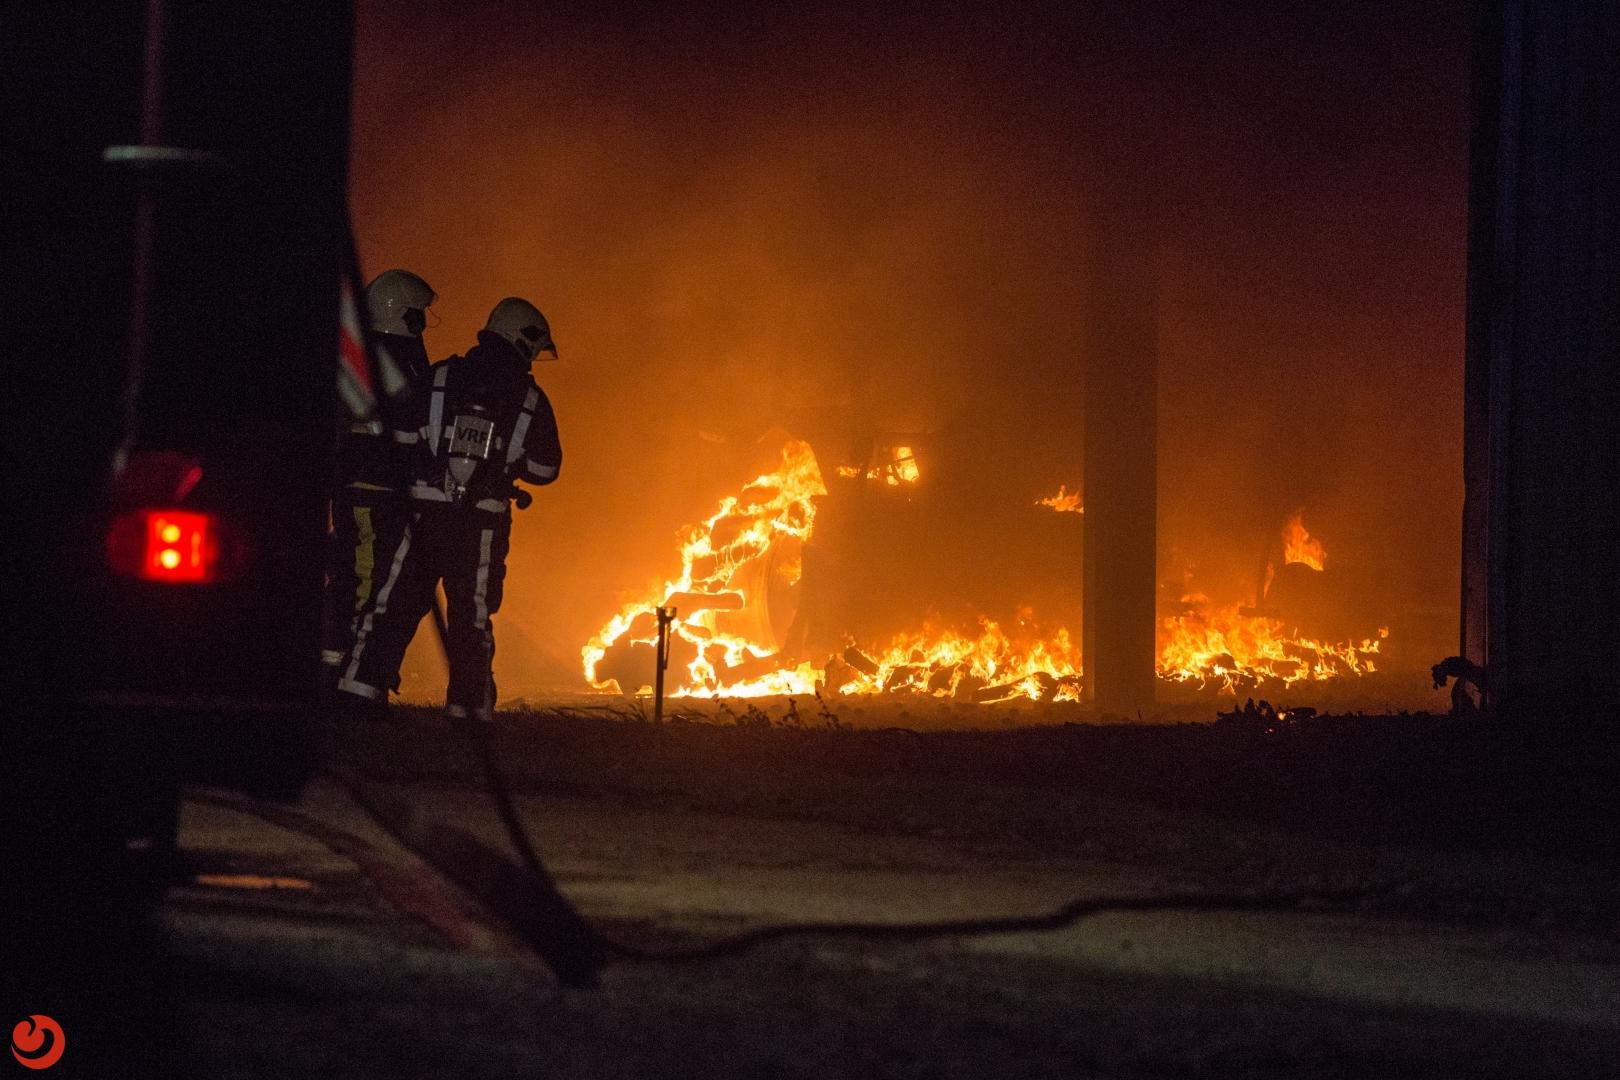 Grote uitslaande brand legt aardappelloods in de as